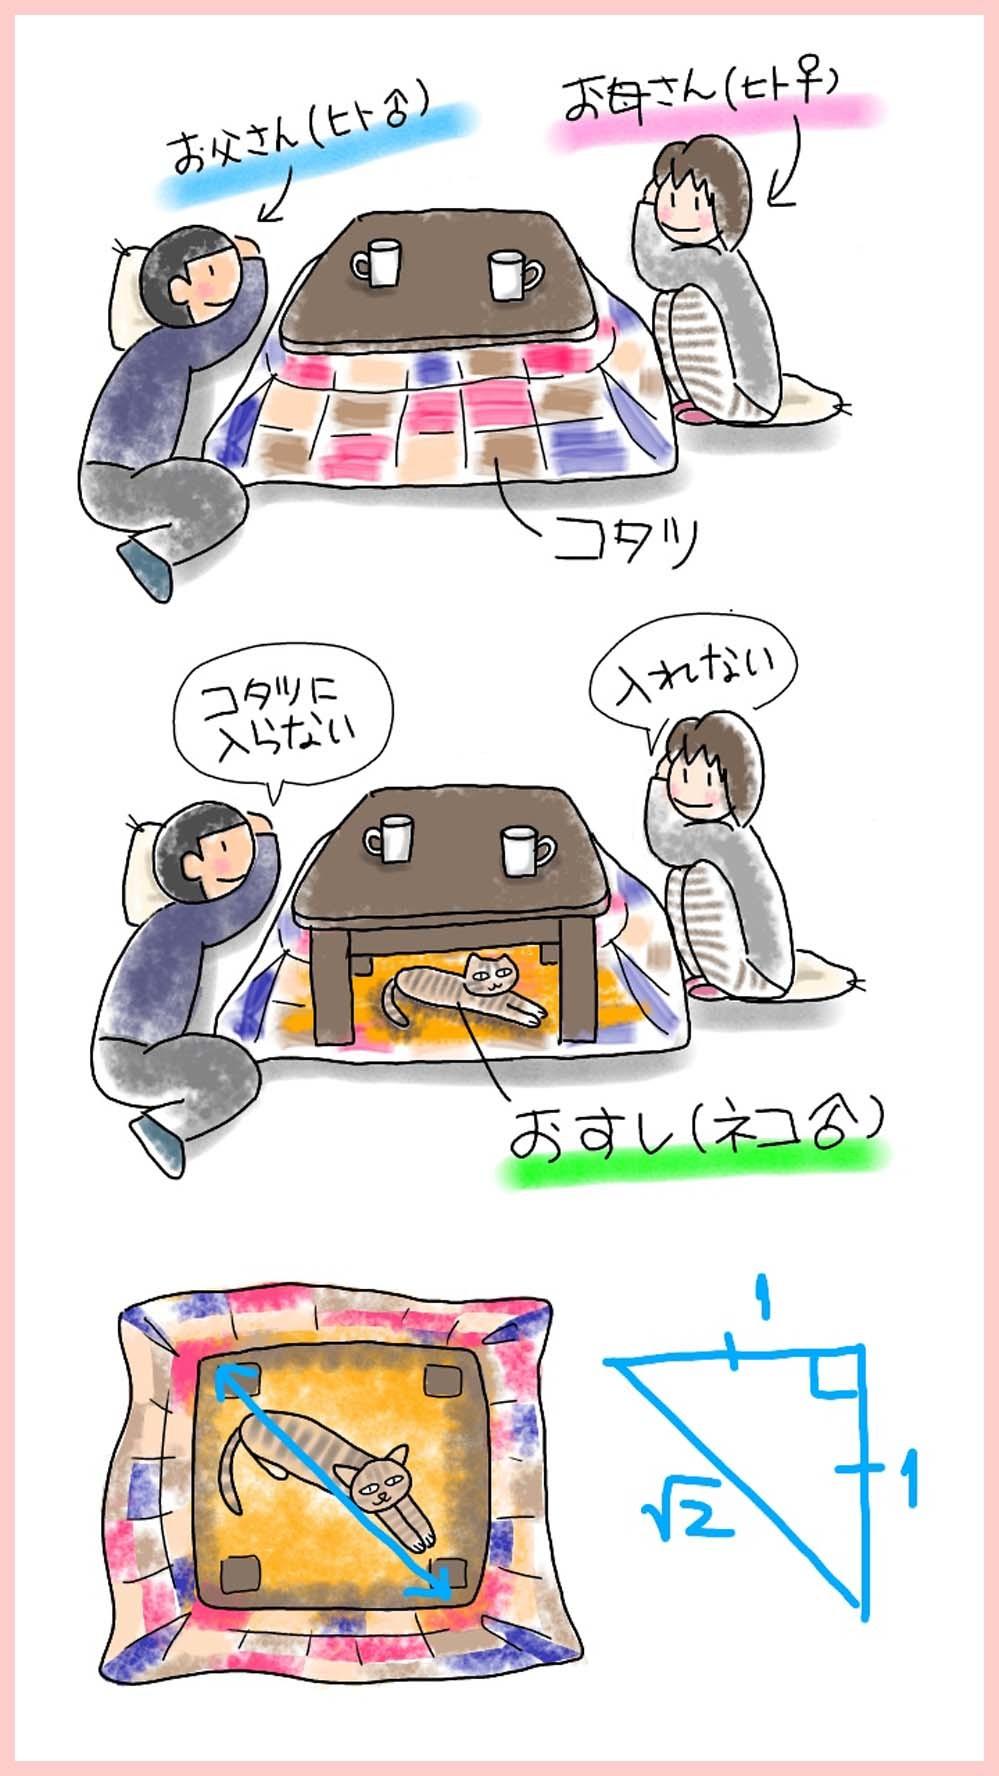 【ネコお絵描き】こた・・・